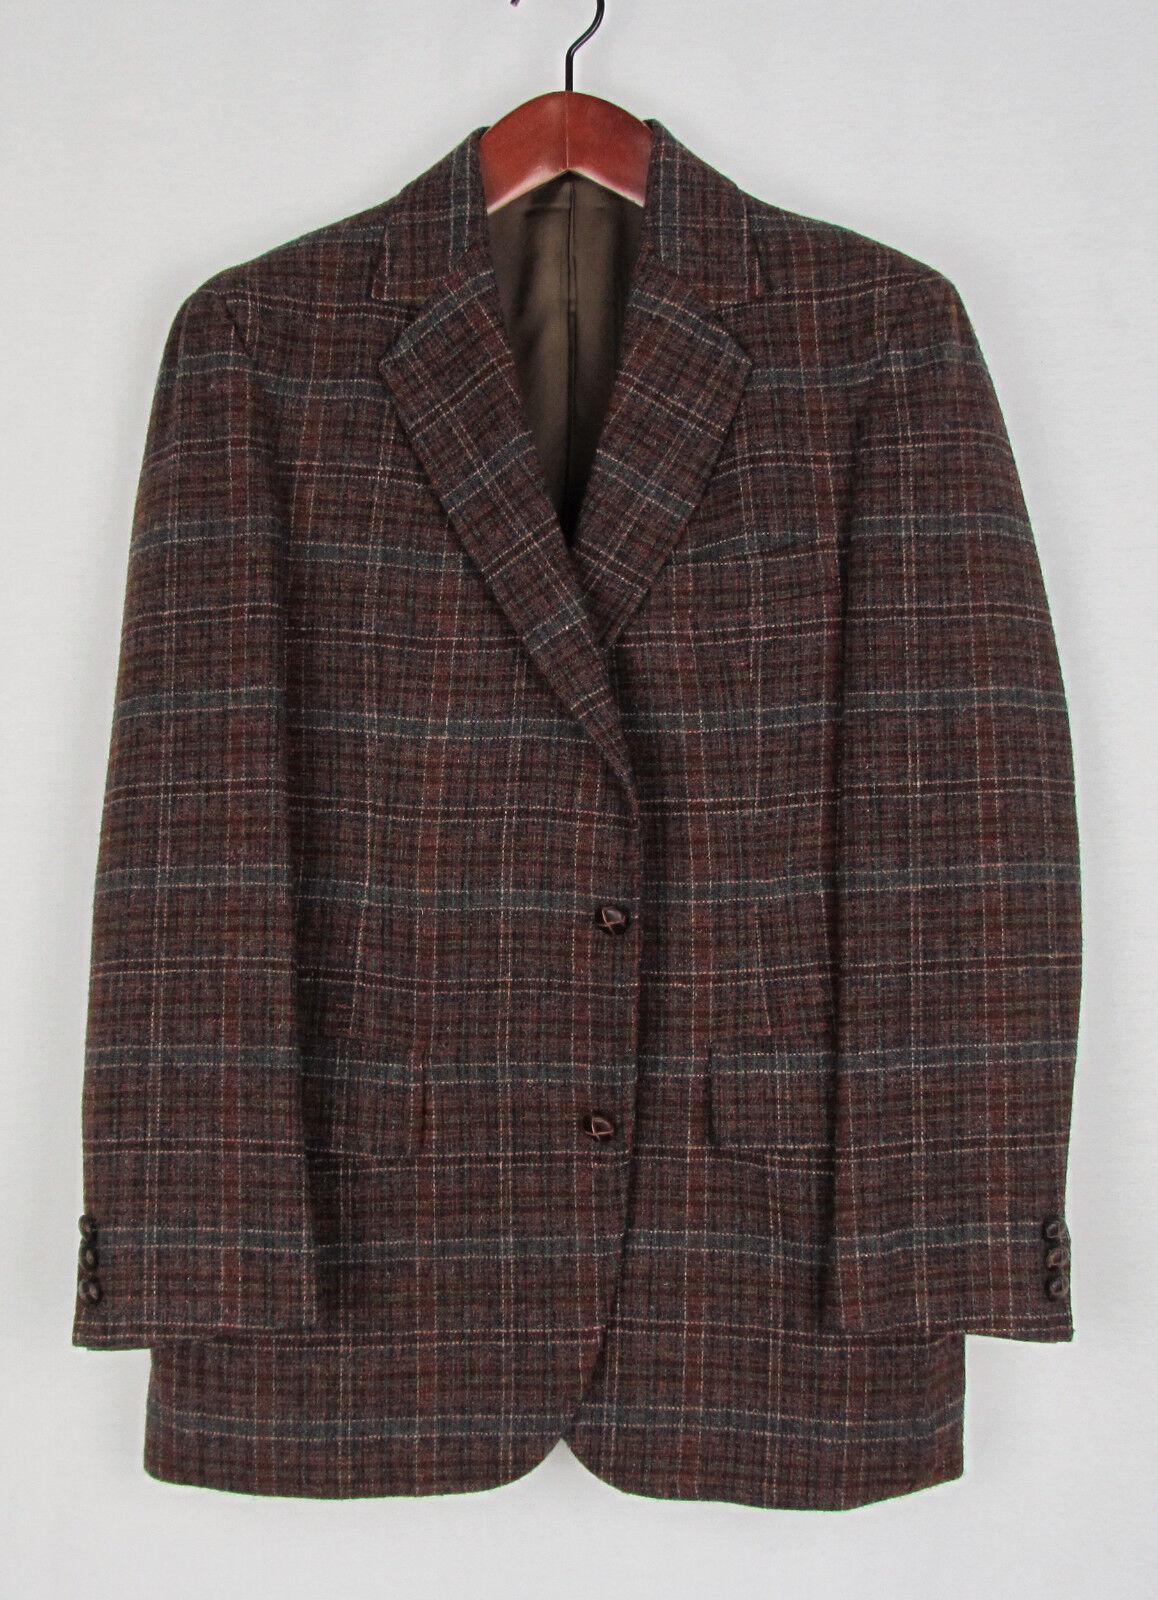 New Pendleton Multi-color Patterned Wool Tweed Sport Coat 40